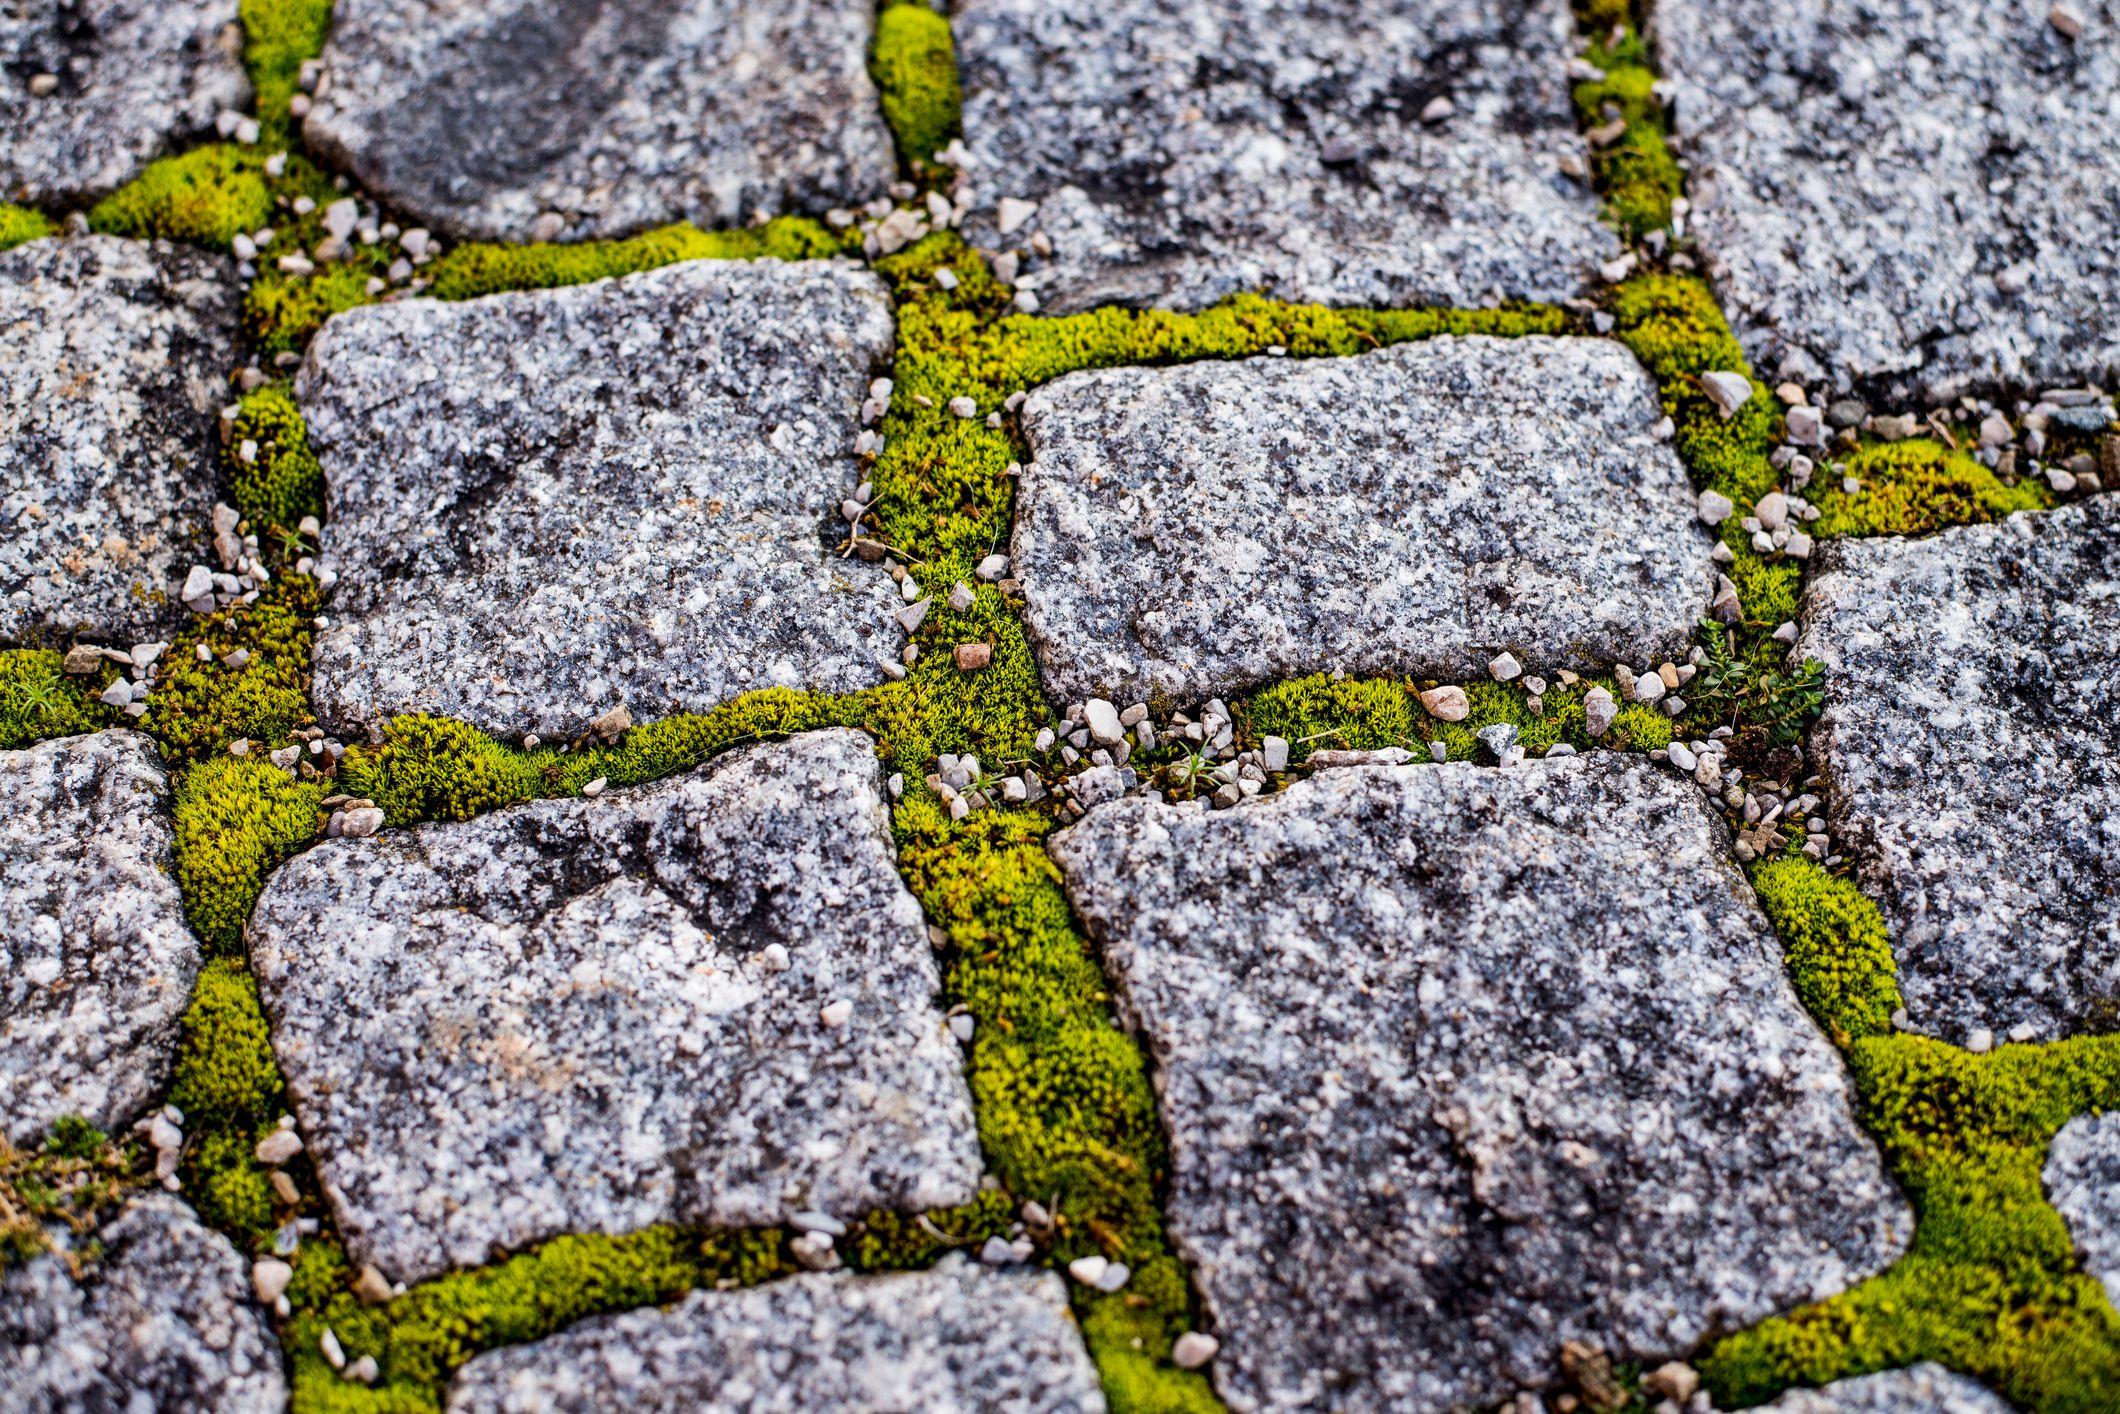 Grow moss between cobblestones to create interest.